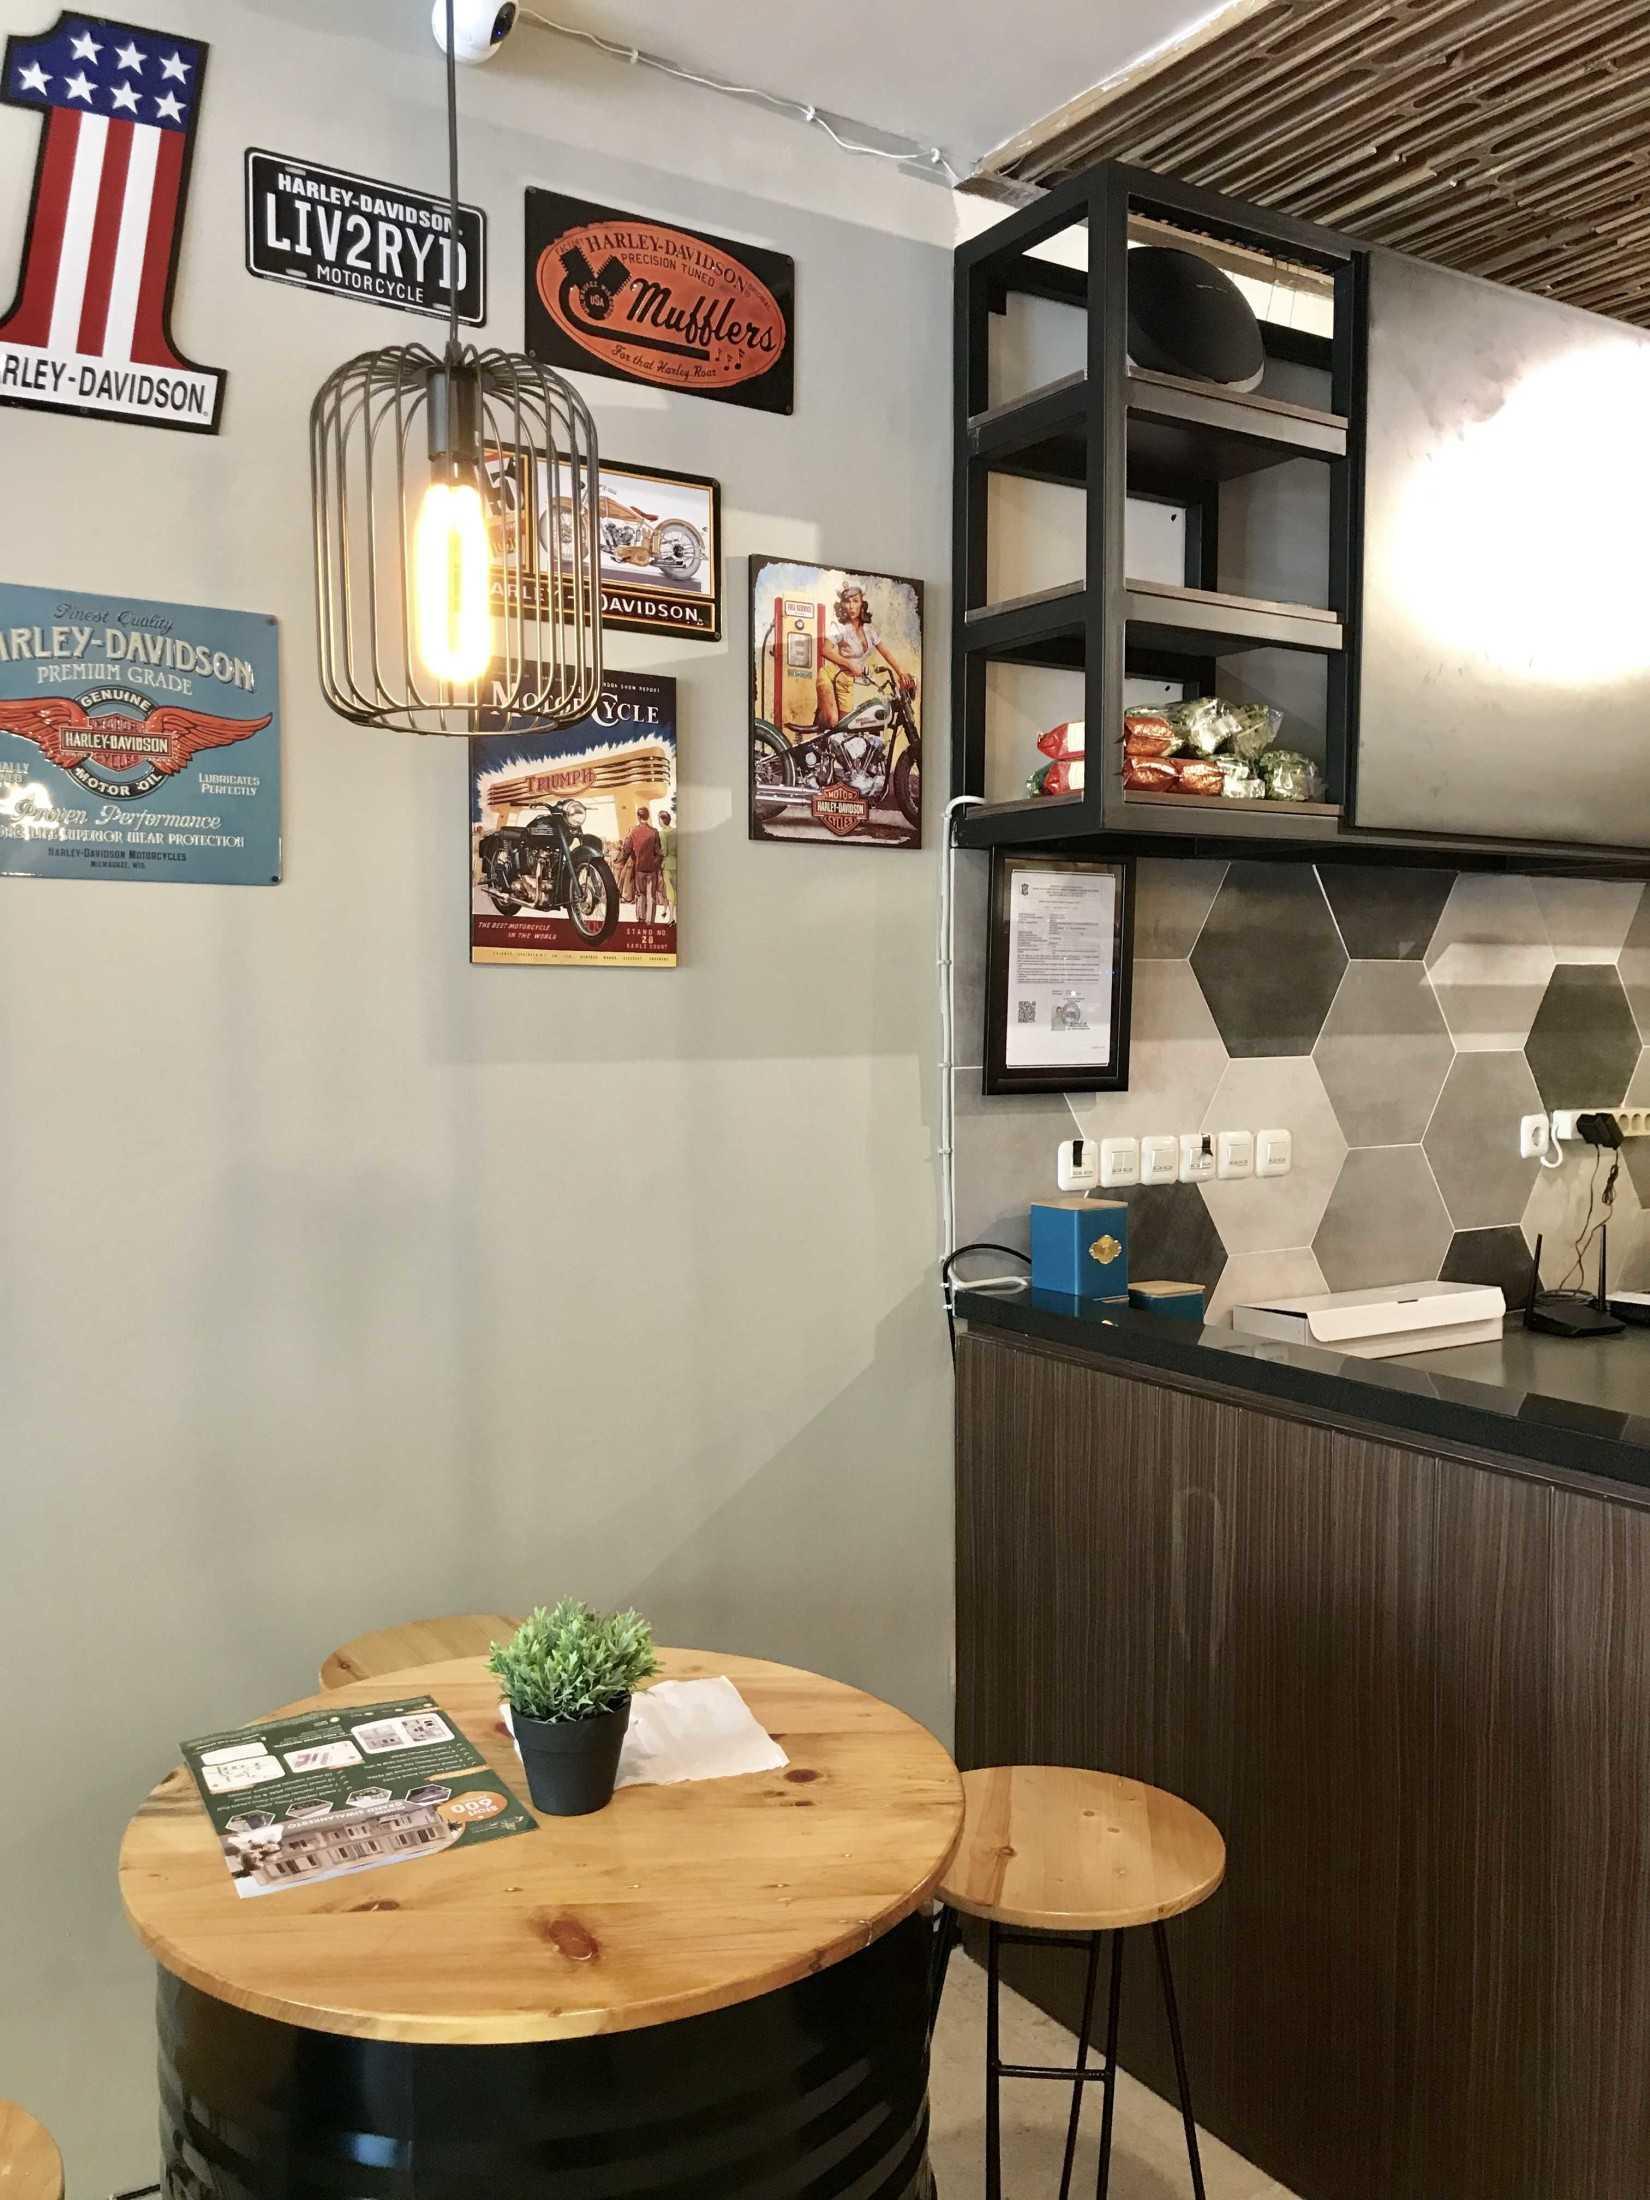 Yulianto Gunawan Basecamp Cafe Surabaya, Kota Sby, Jawa Timur, Indonesia Surabaya, Kota Sby, Jawa Timur, Indonesia Yulianto-Gunawan-Basecamp-Cafe  129052